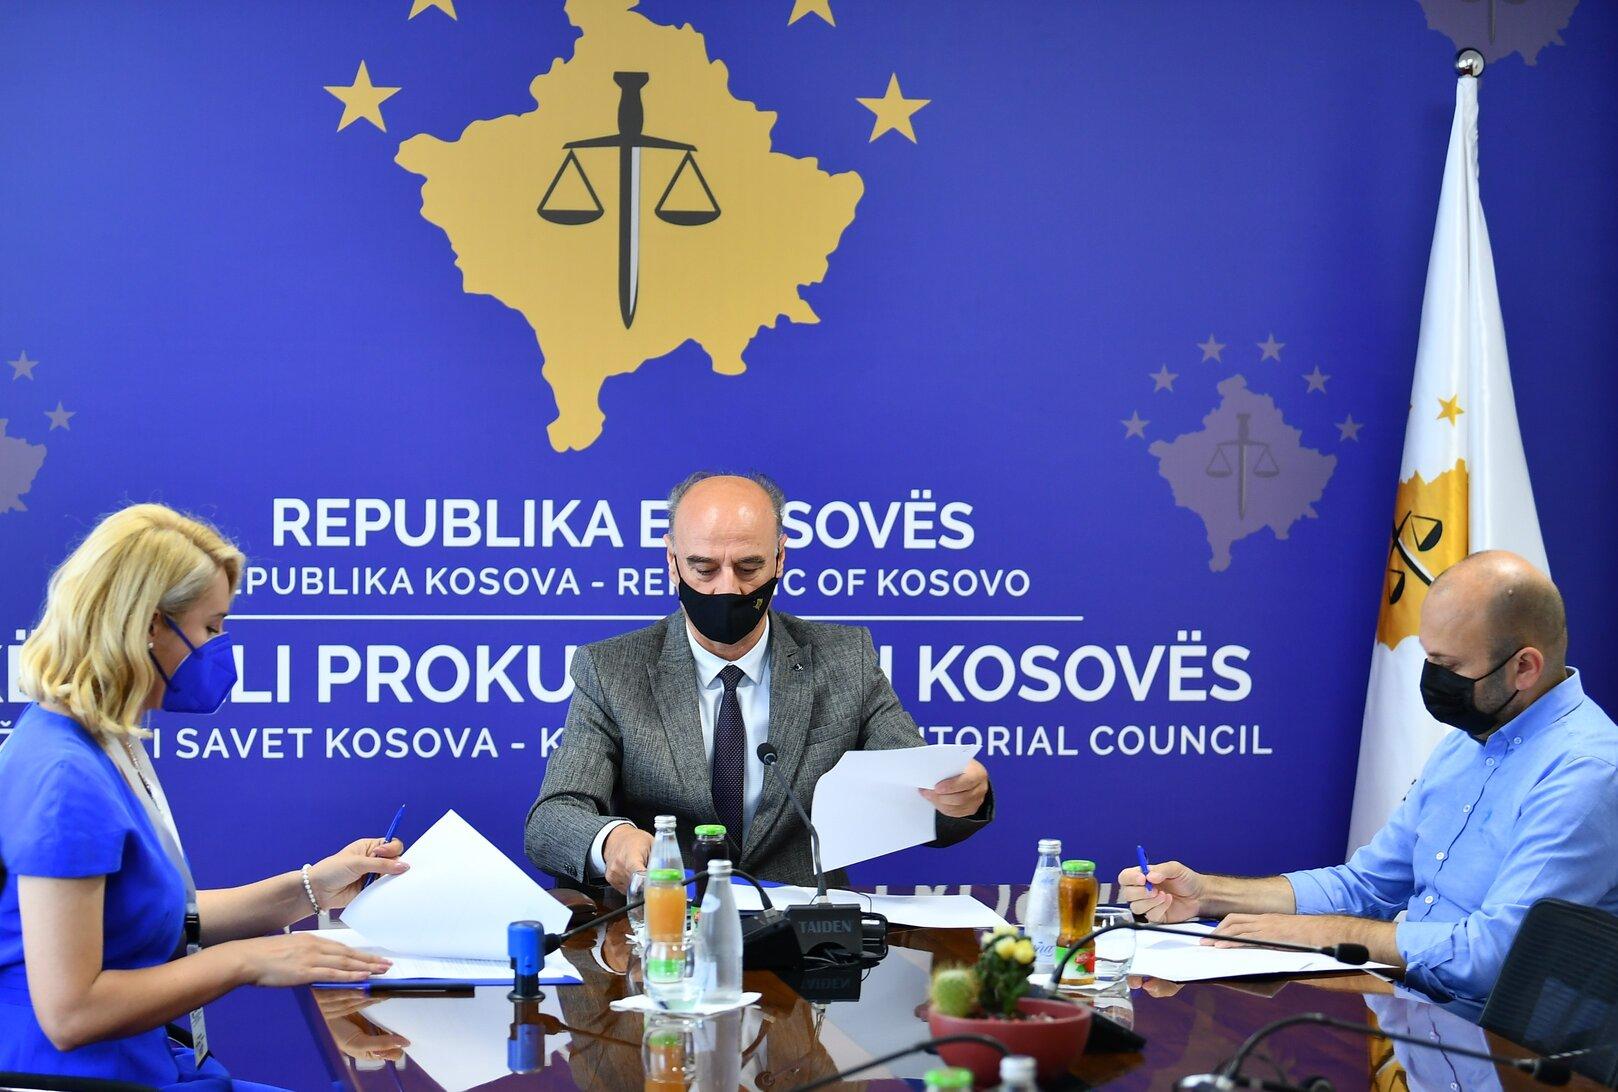 Nënshkruhet memorandum mirëkuptimi në mes të KPK-së, organizatave përfaqësuese të shoqërisë civile dhe komunitetit të gazetarëve